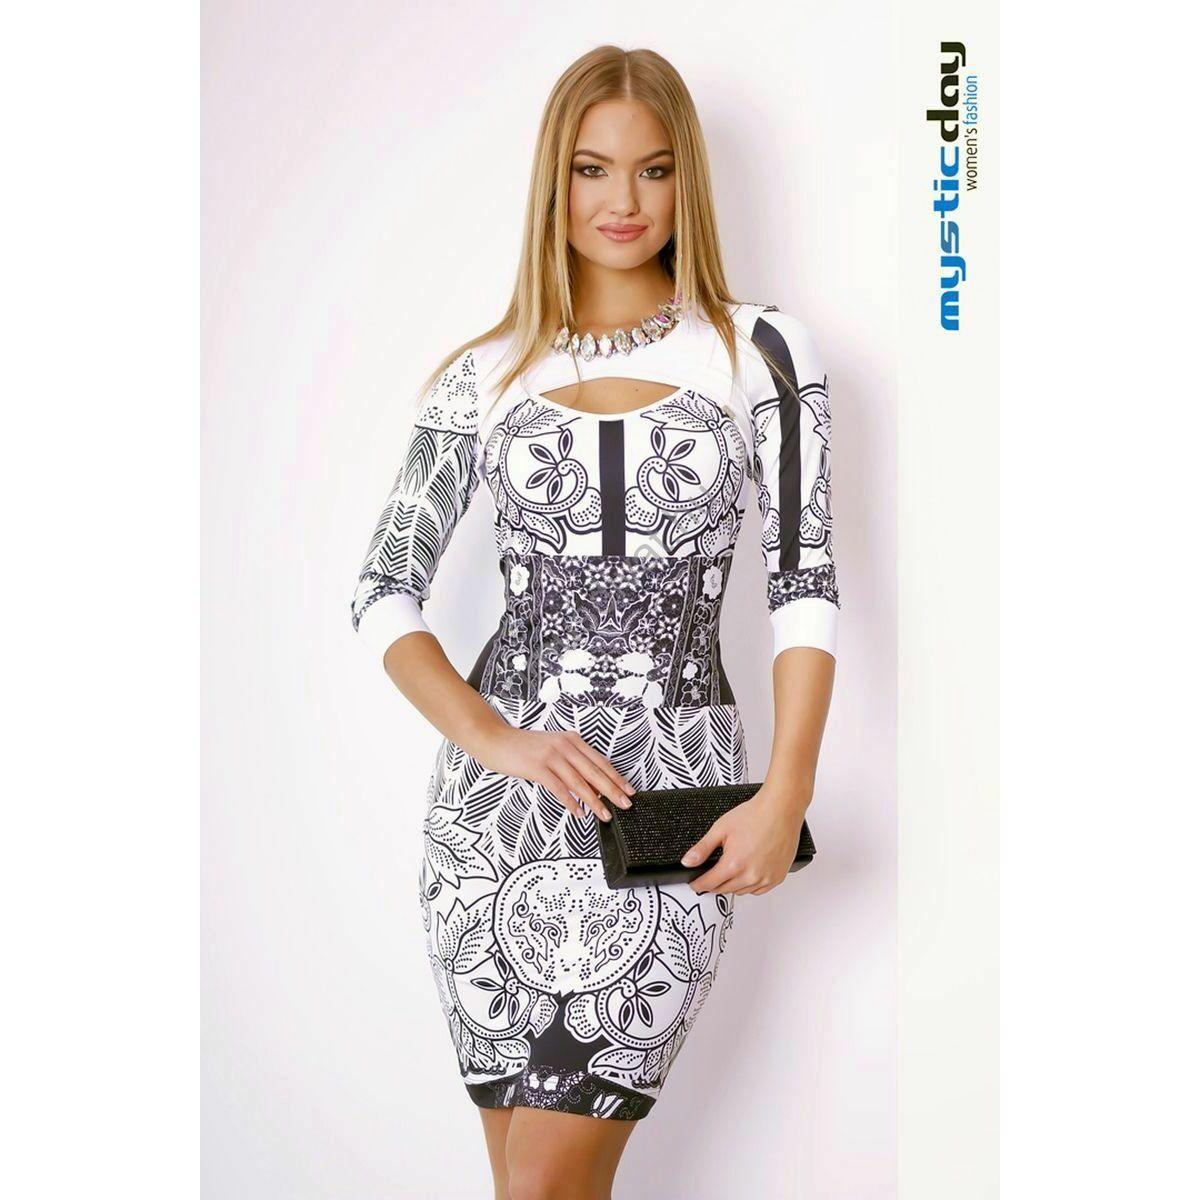 Mystic Day kivágott dekoltázsú fekete-fehér mintás alkalmi ruha 72fba38798